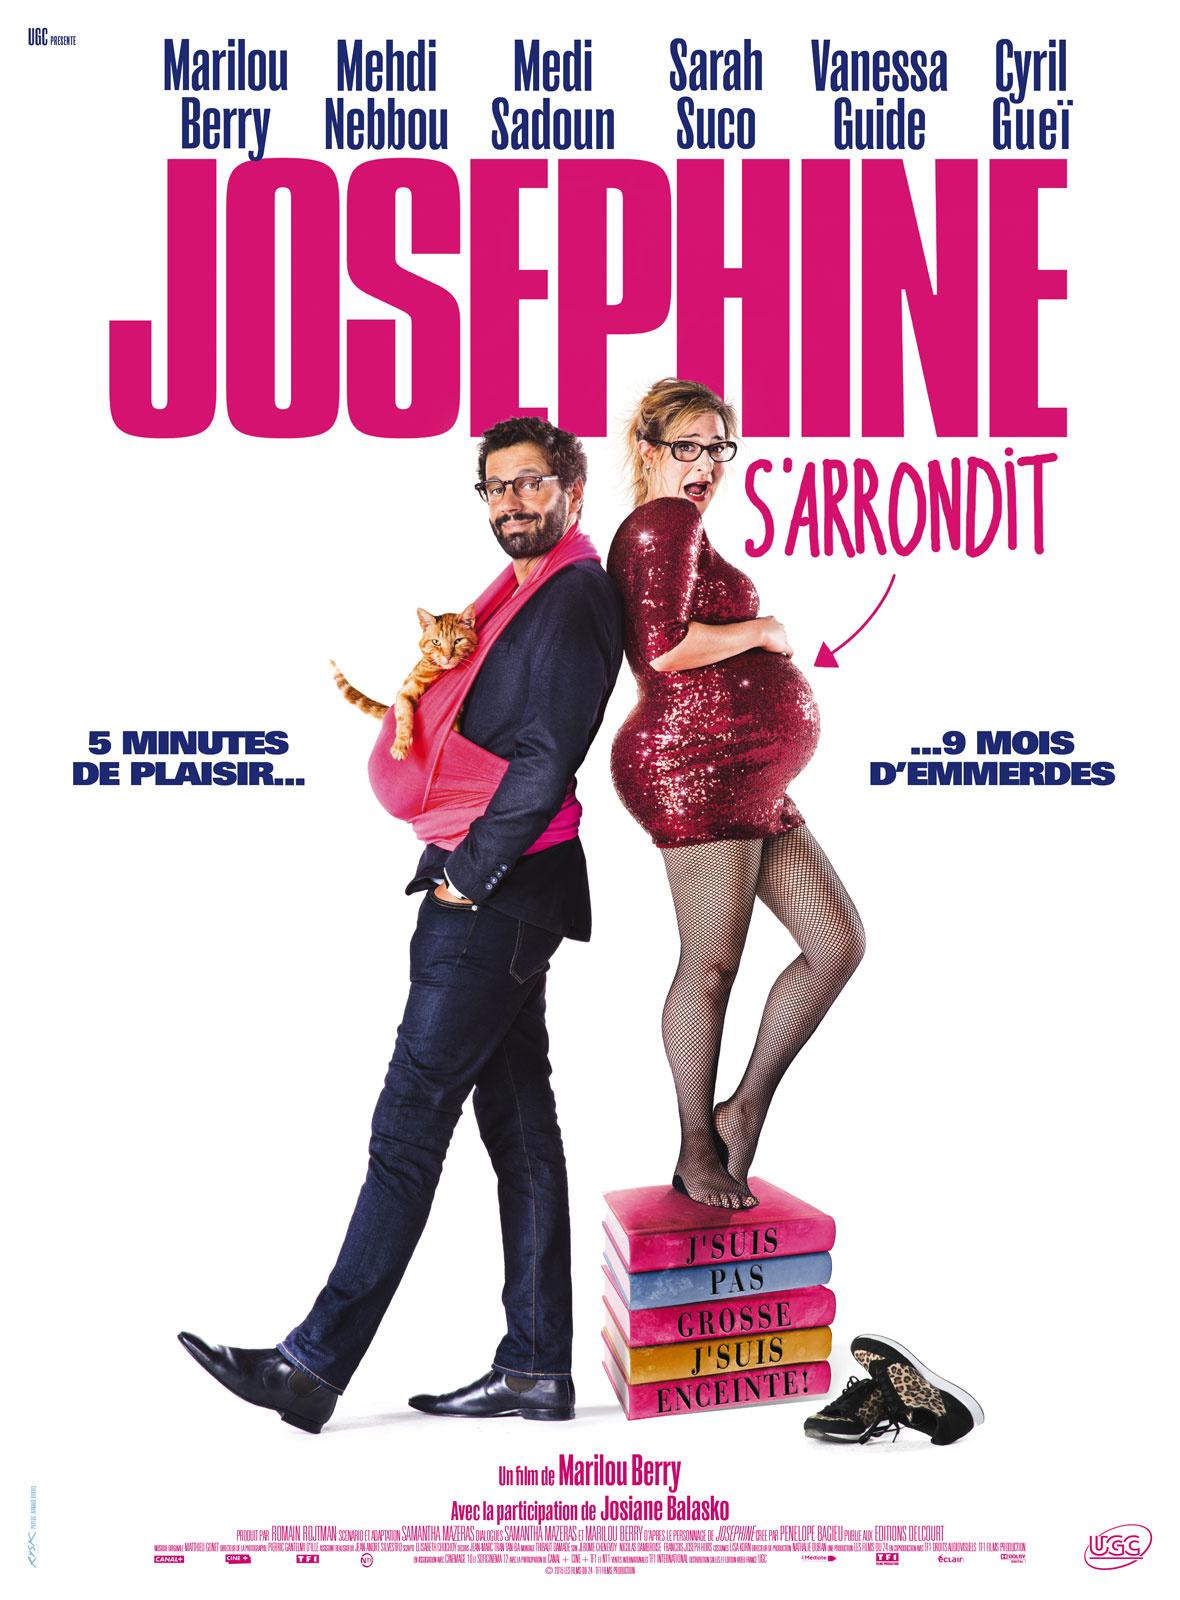 Joséphine s'arrondit : une comédie française comme je les aime ♥